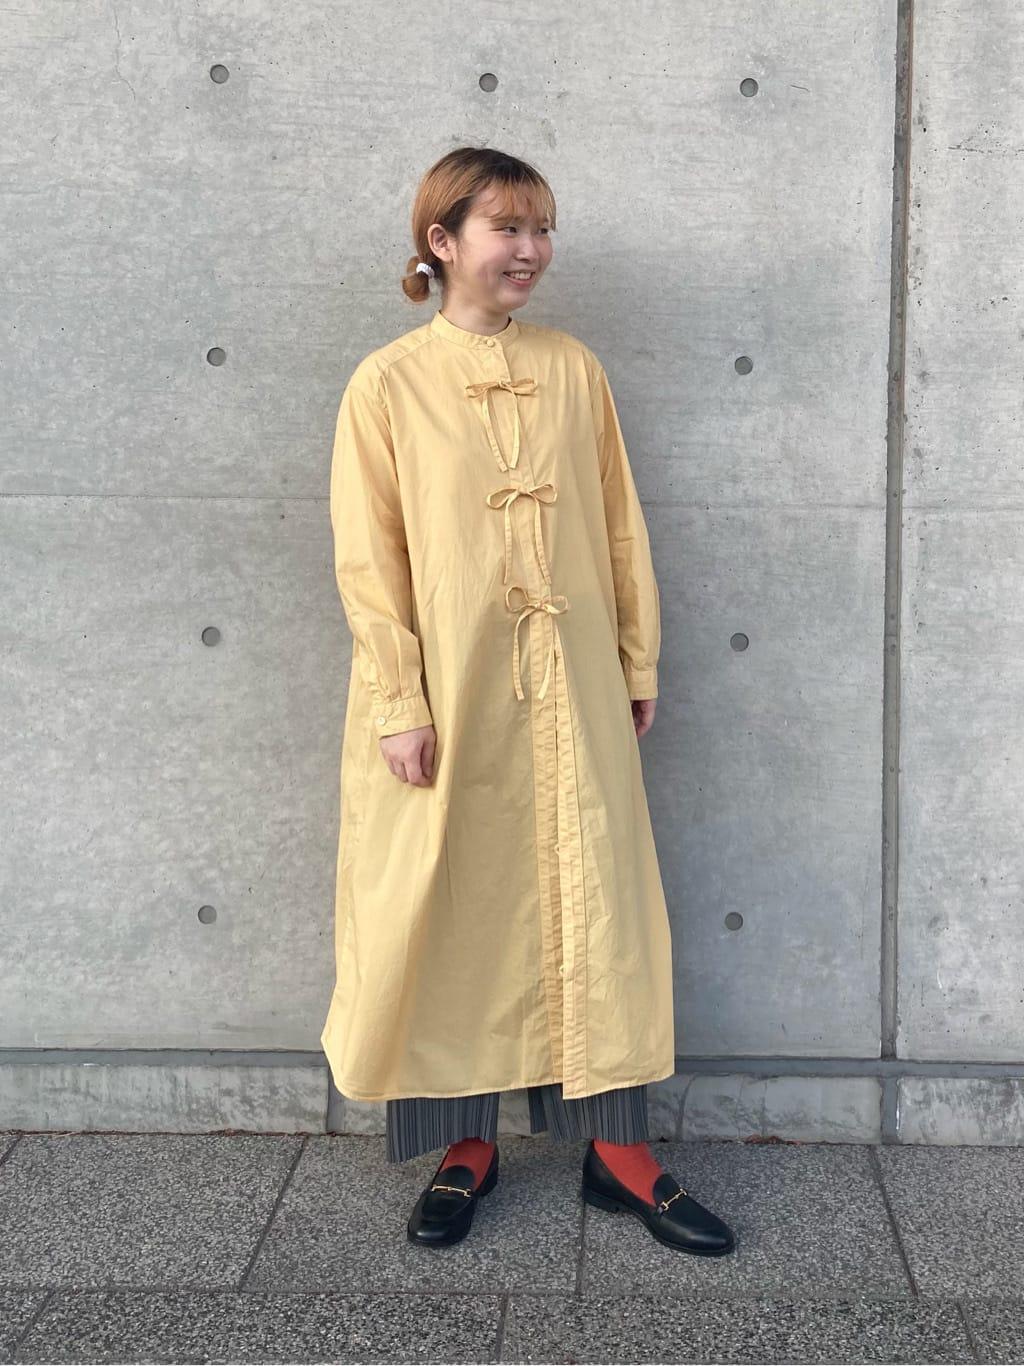 東京スカイツリータウン・ソラマチ 2021.08.31